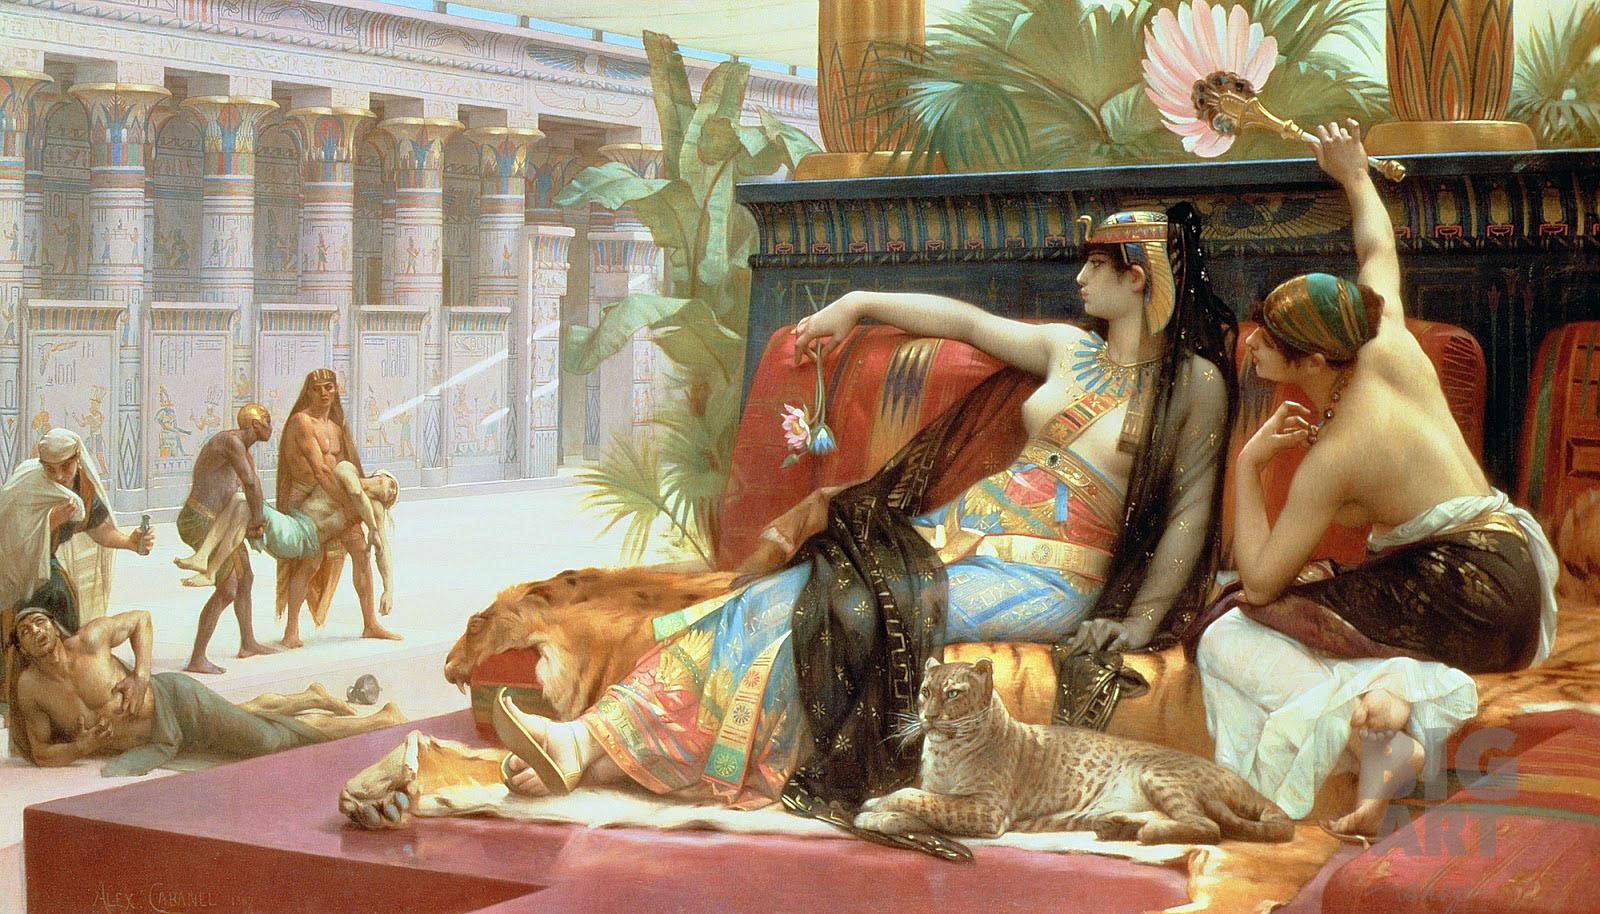 Клеопатра пробует яды на приговоренных к смерти. Худ. Александр Кабанель, 1887